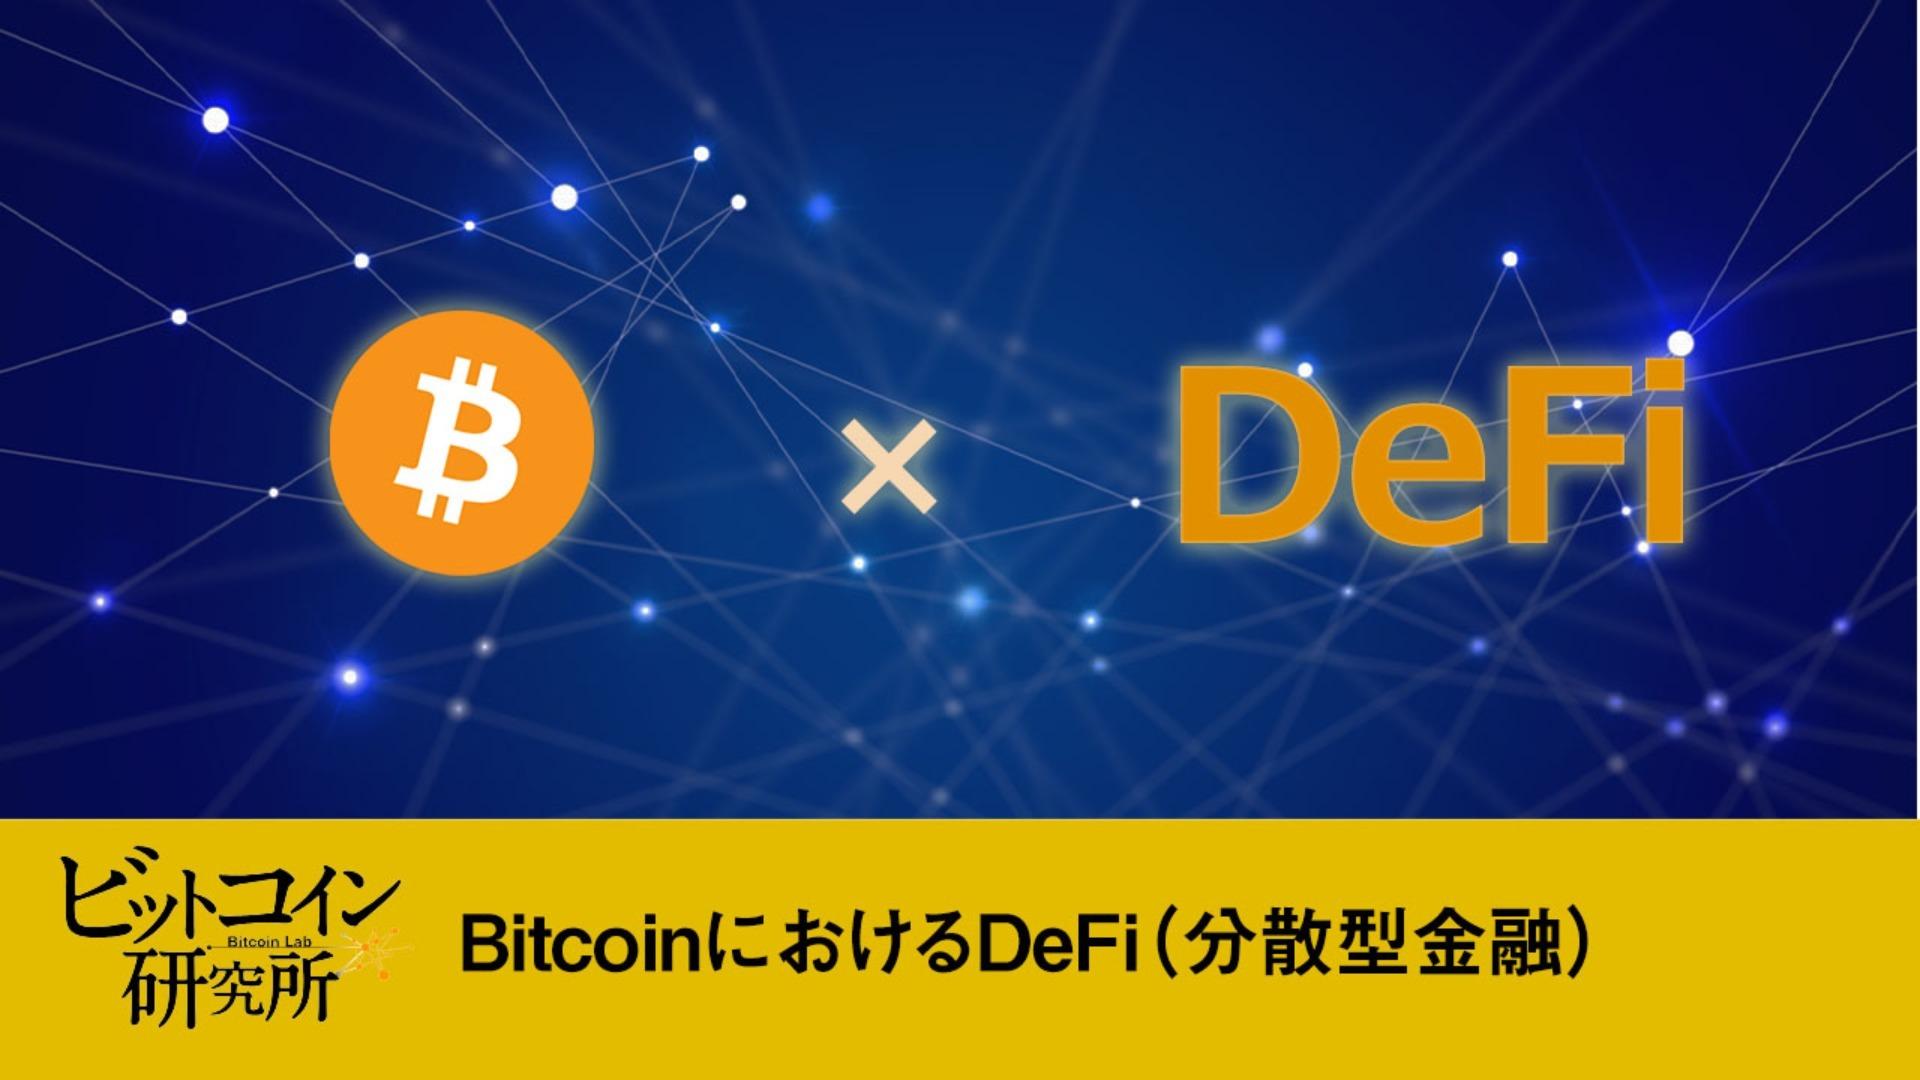 【レポート No.138】BicoinにおけるDeFi(分散型金融)